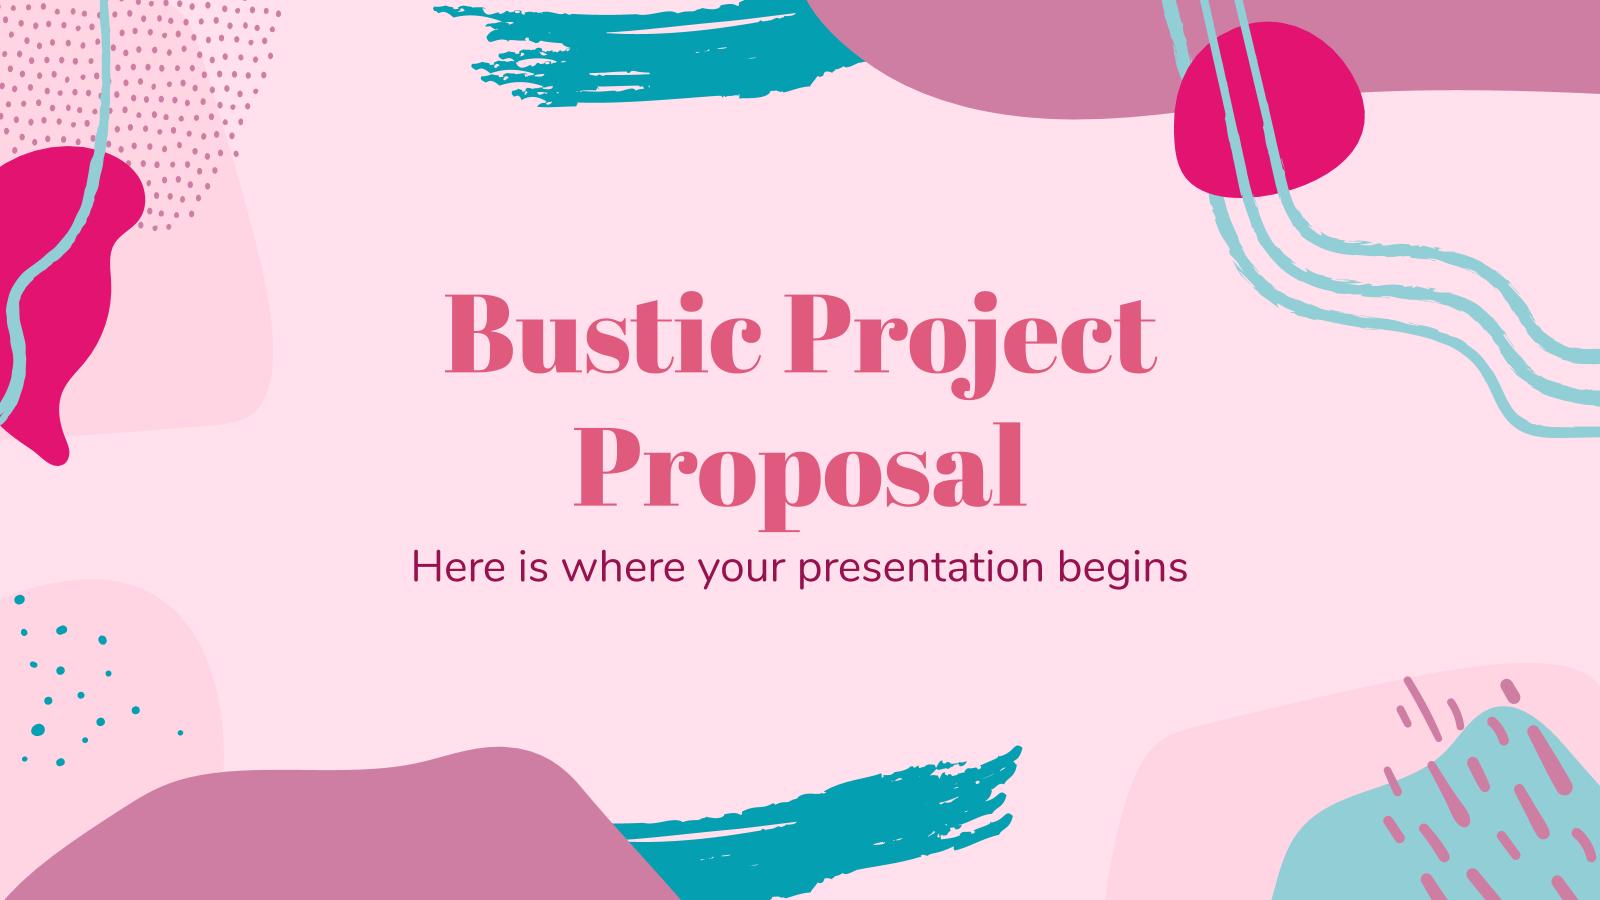 Proposition de projet Bustic : Modèles de présentation